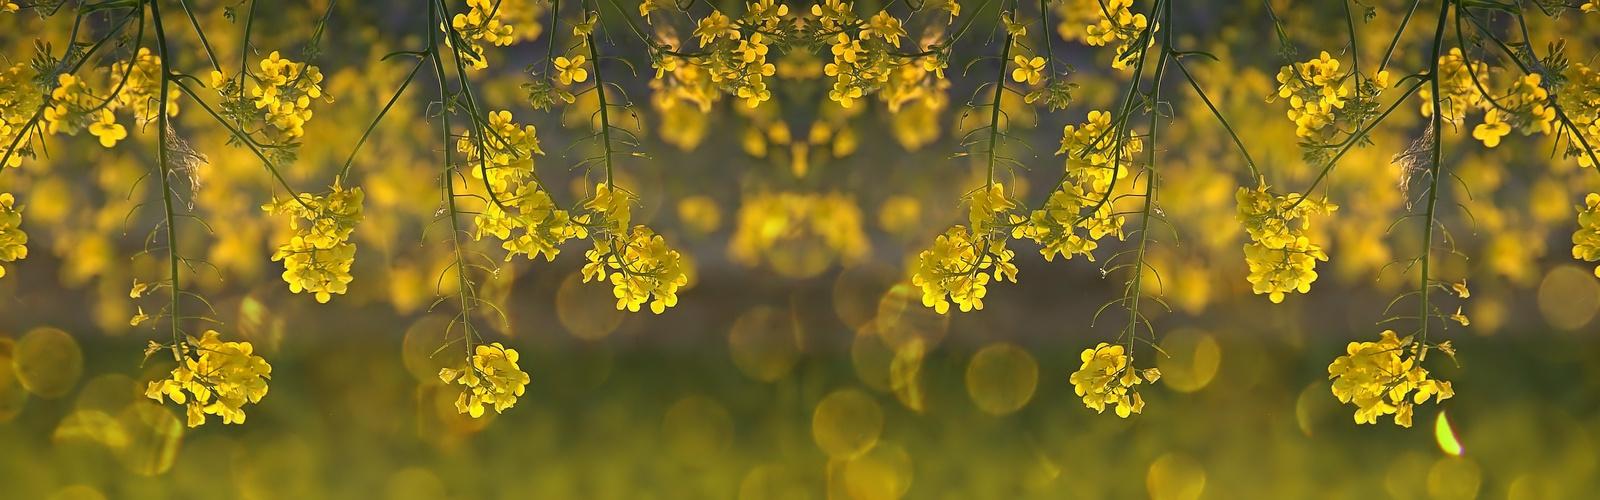 rêveries en jaune